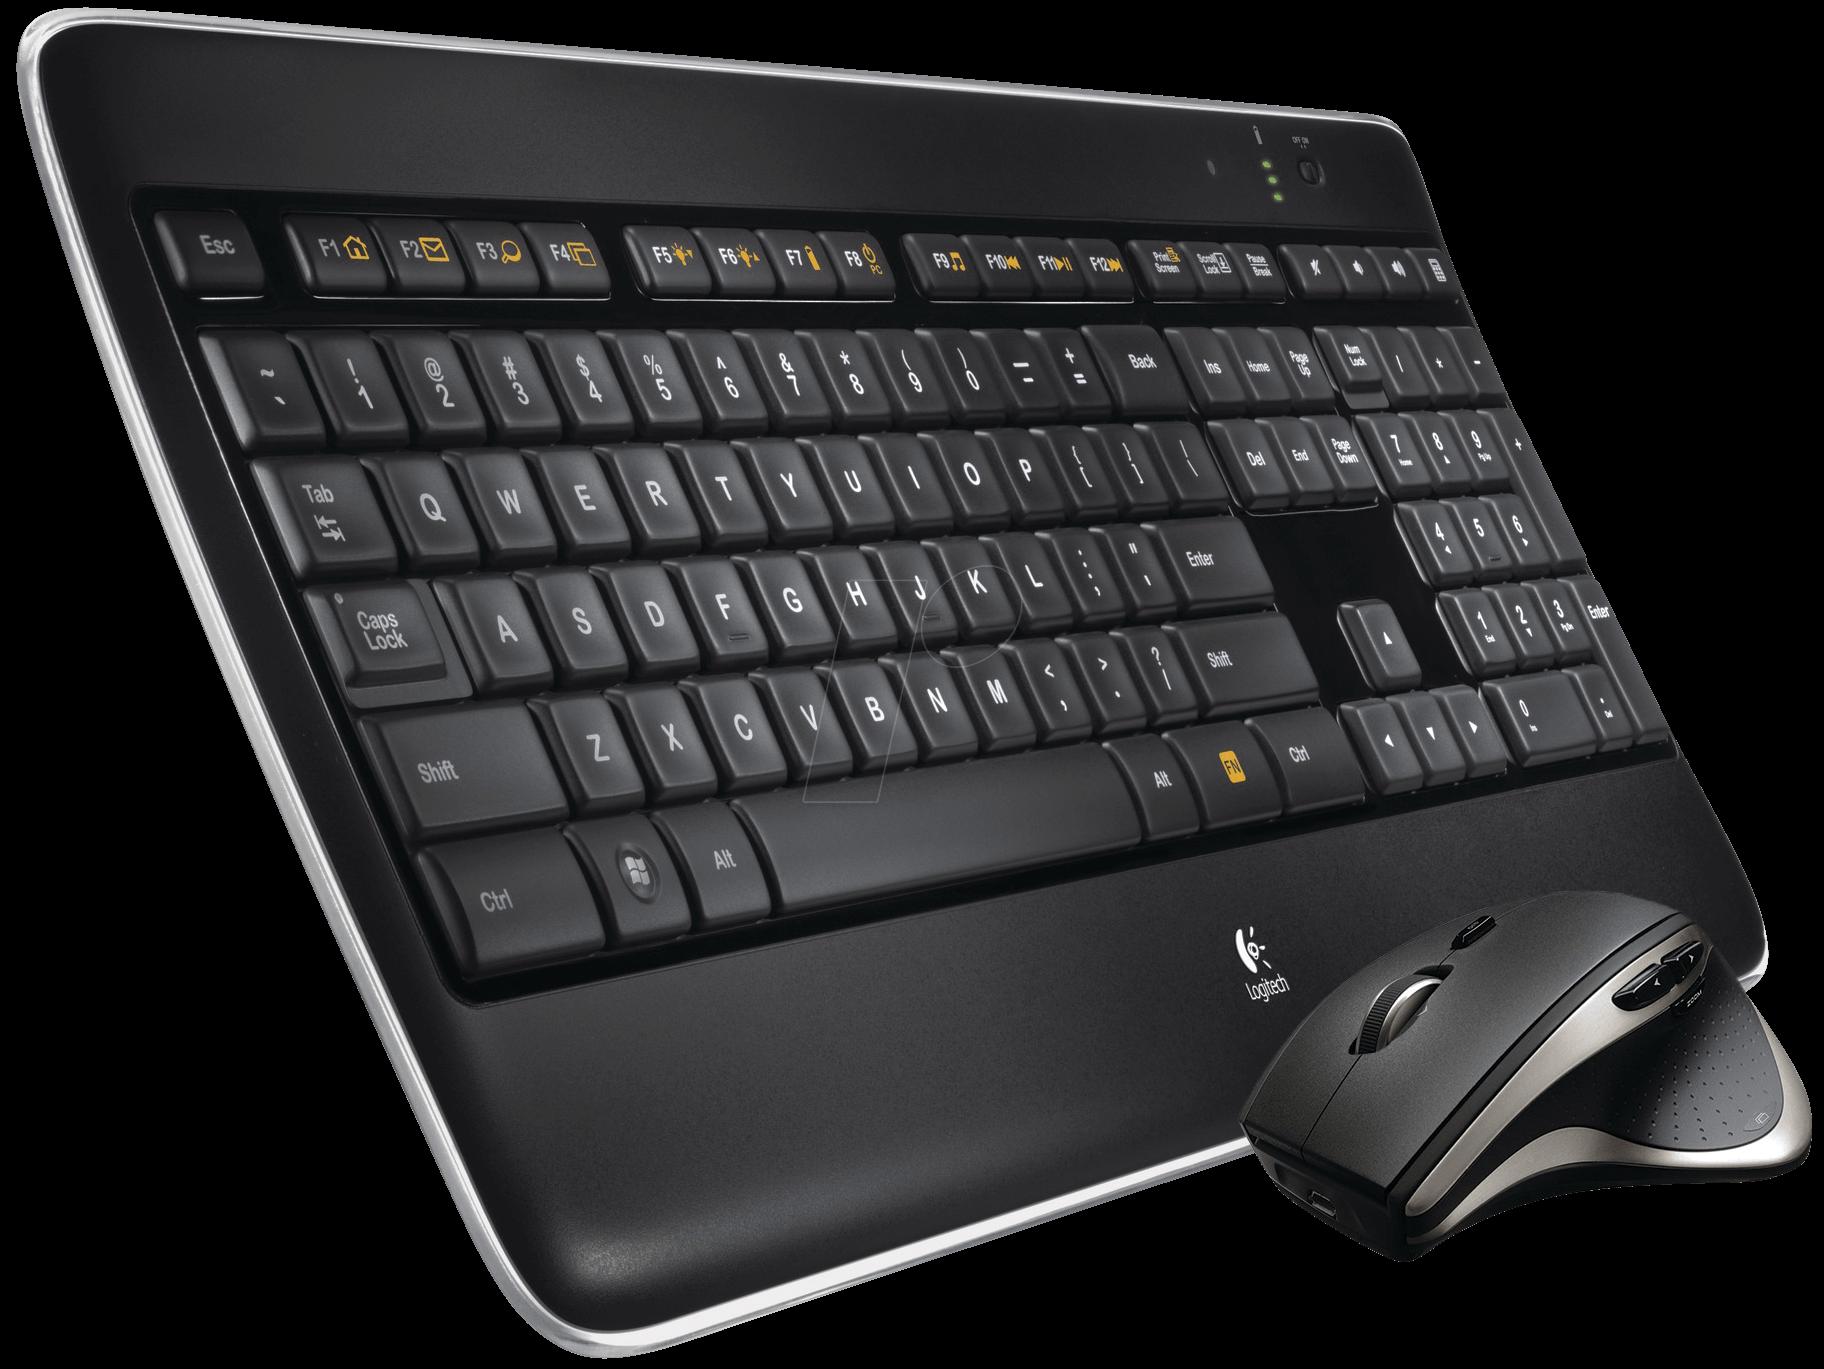 Logitech K800 Wireless Illuminated Keyboard Review